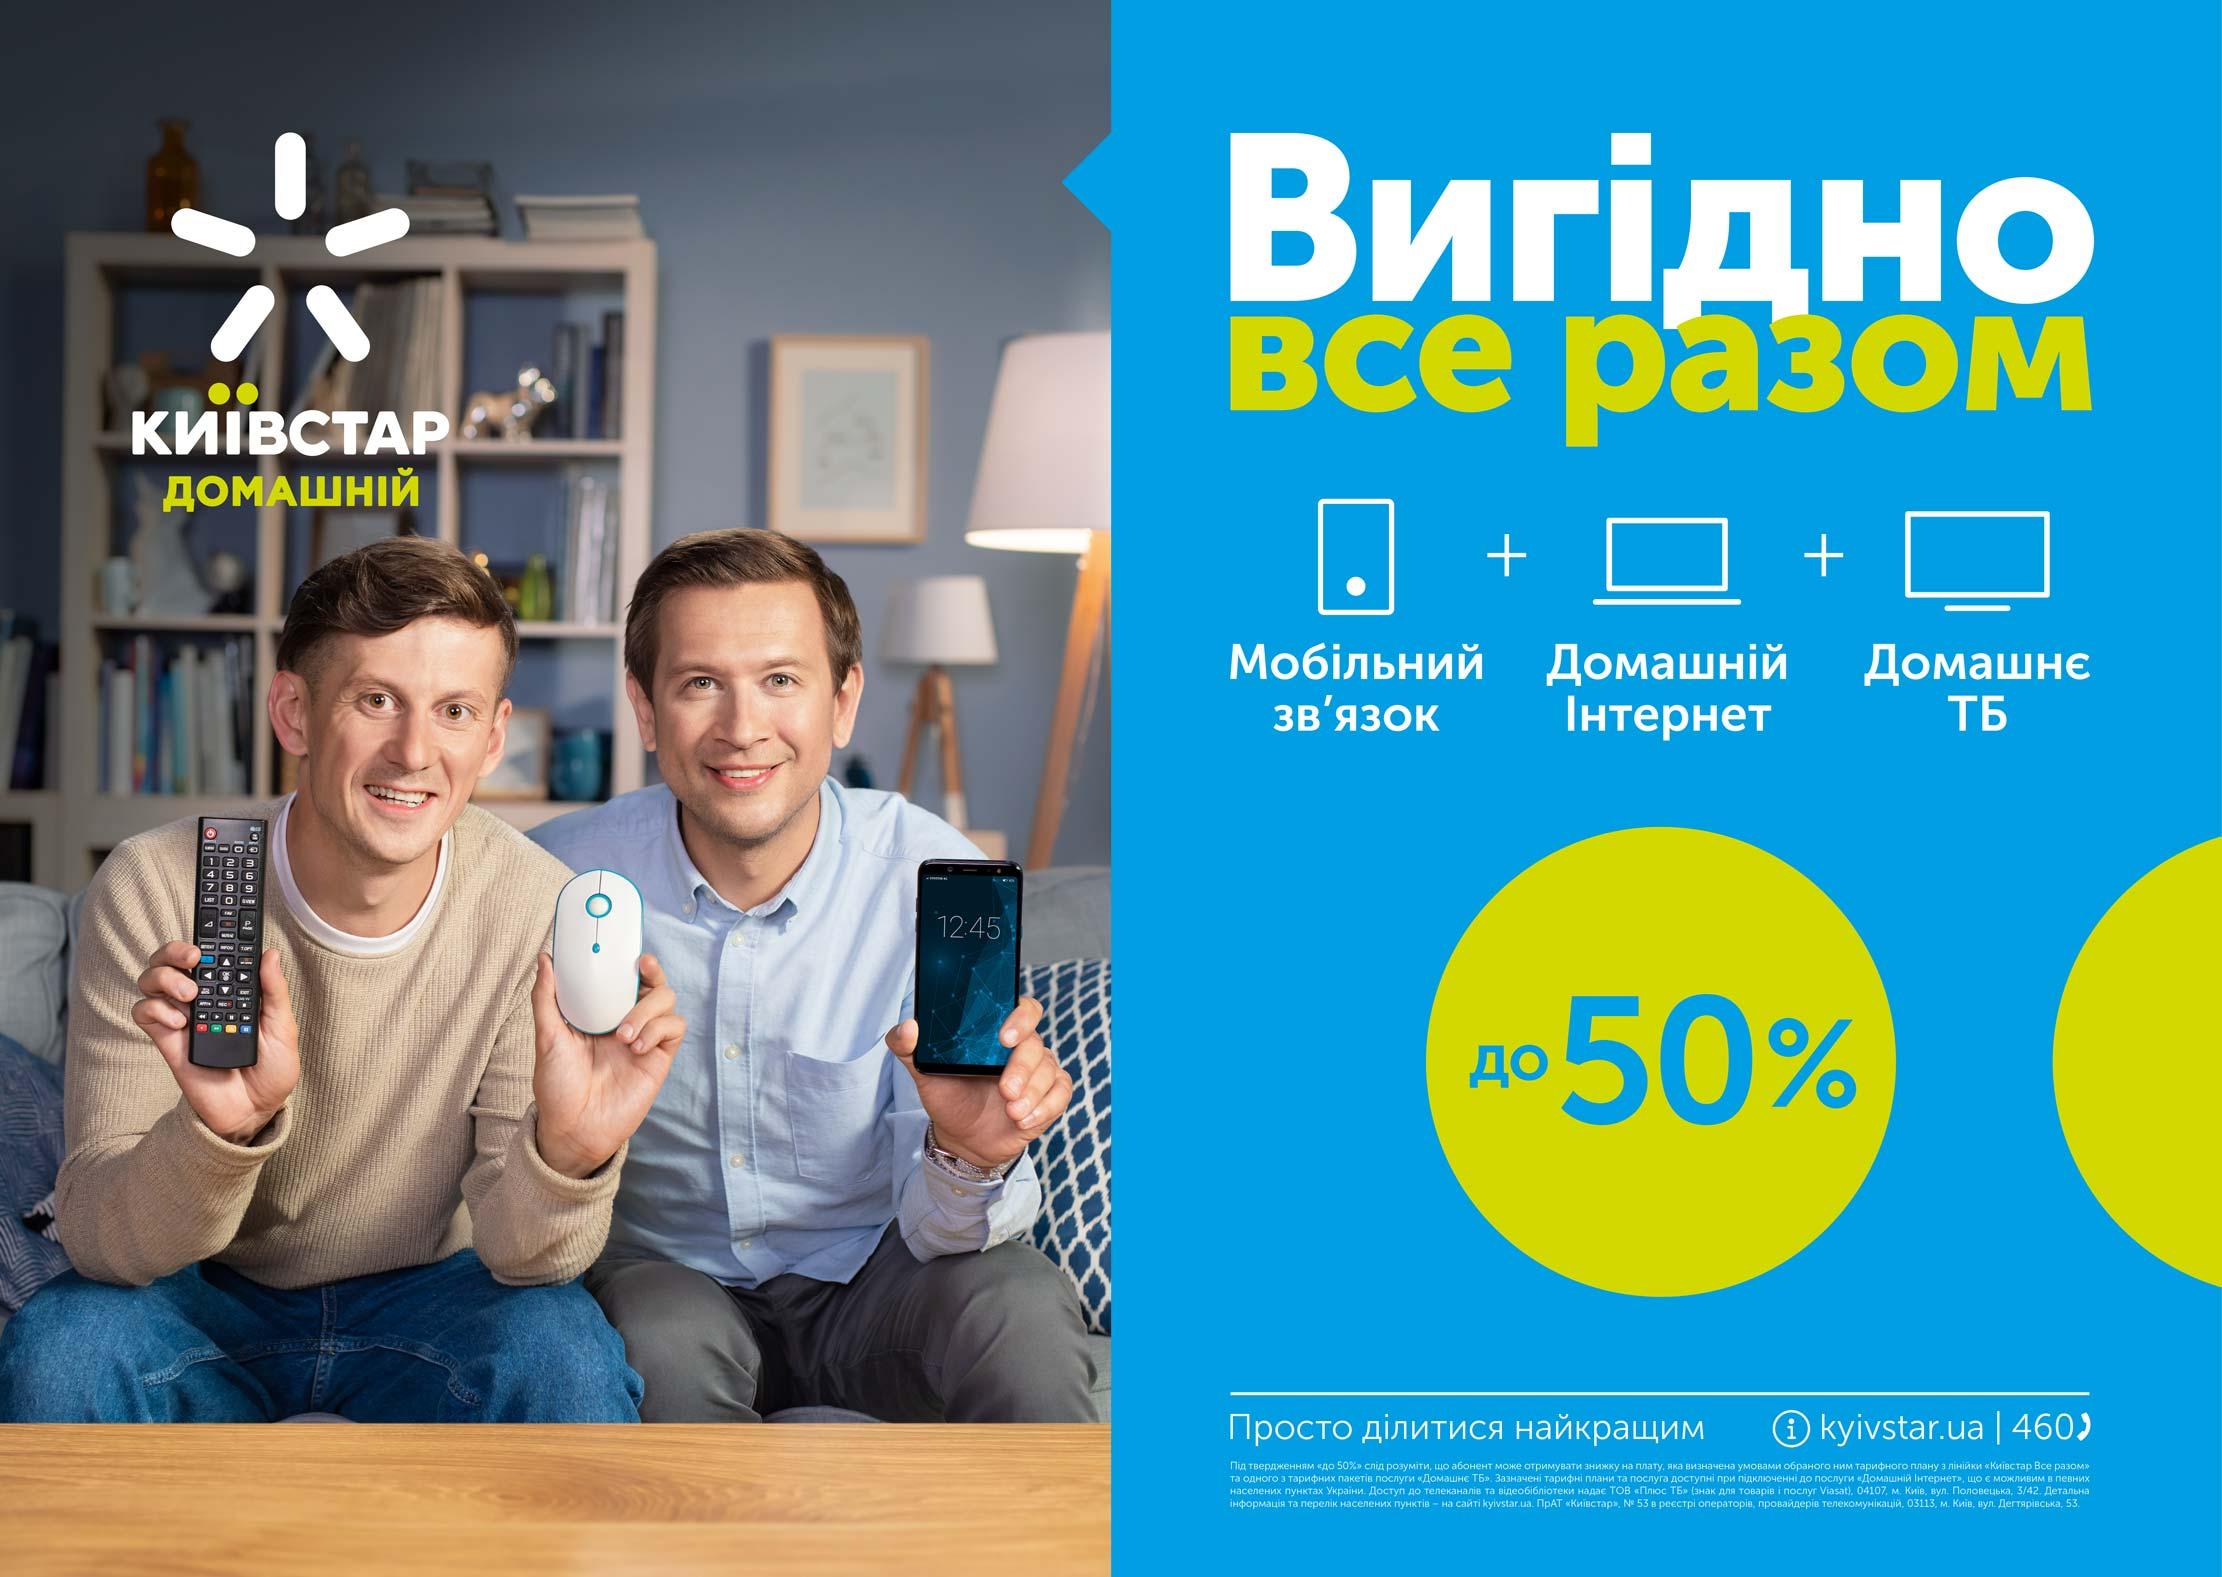 Київстар привітав свого мільйонного абонента домашнього інтернету 2